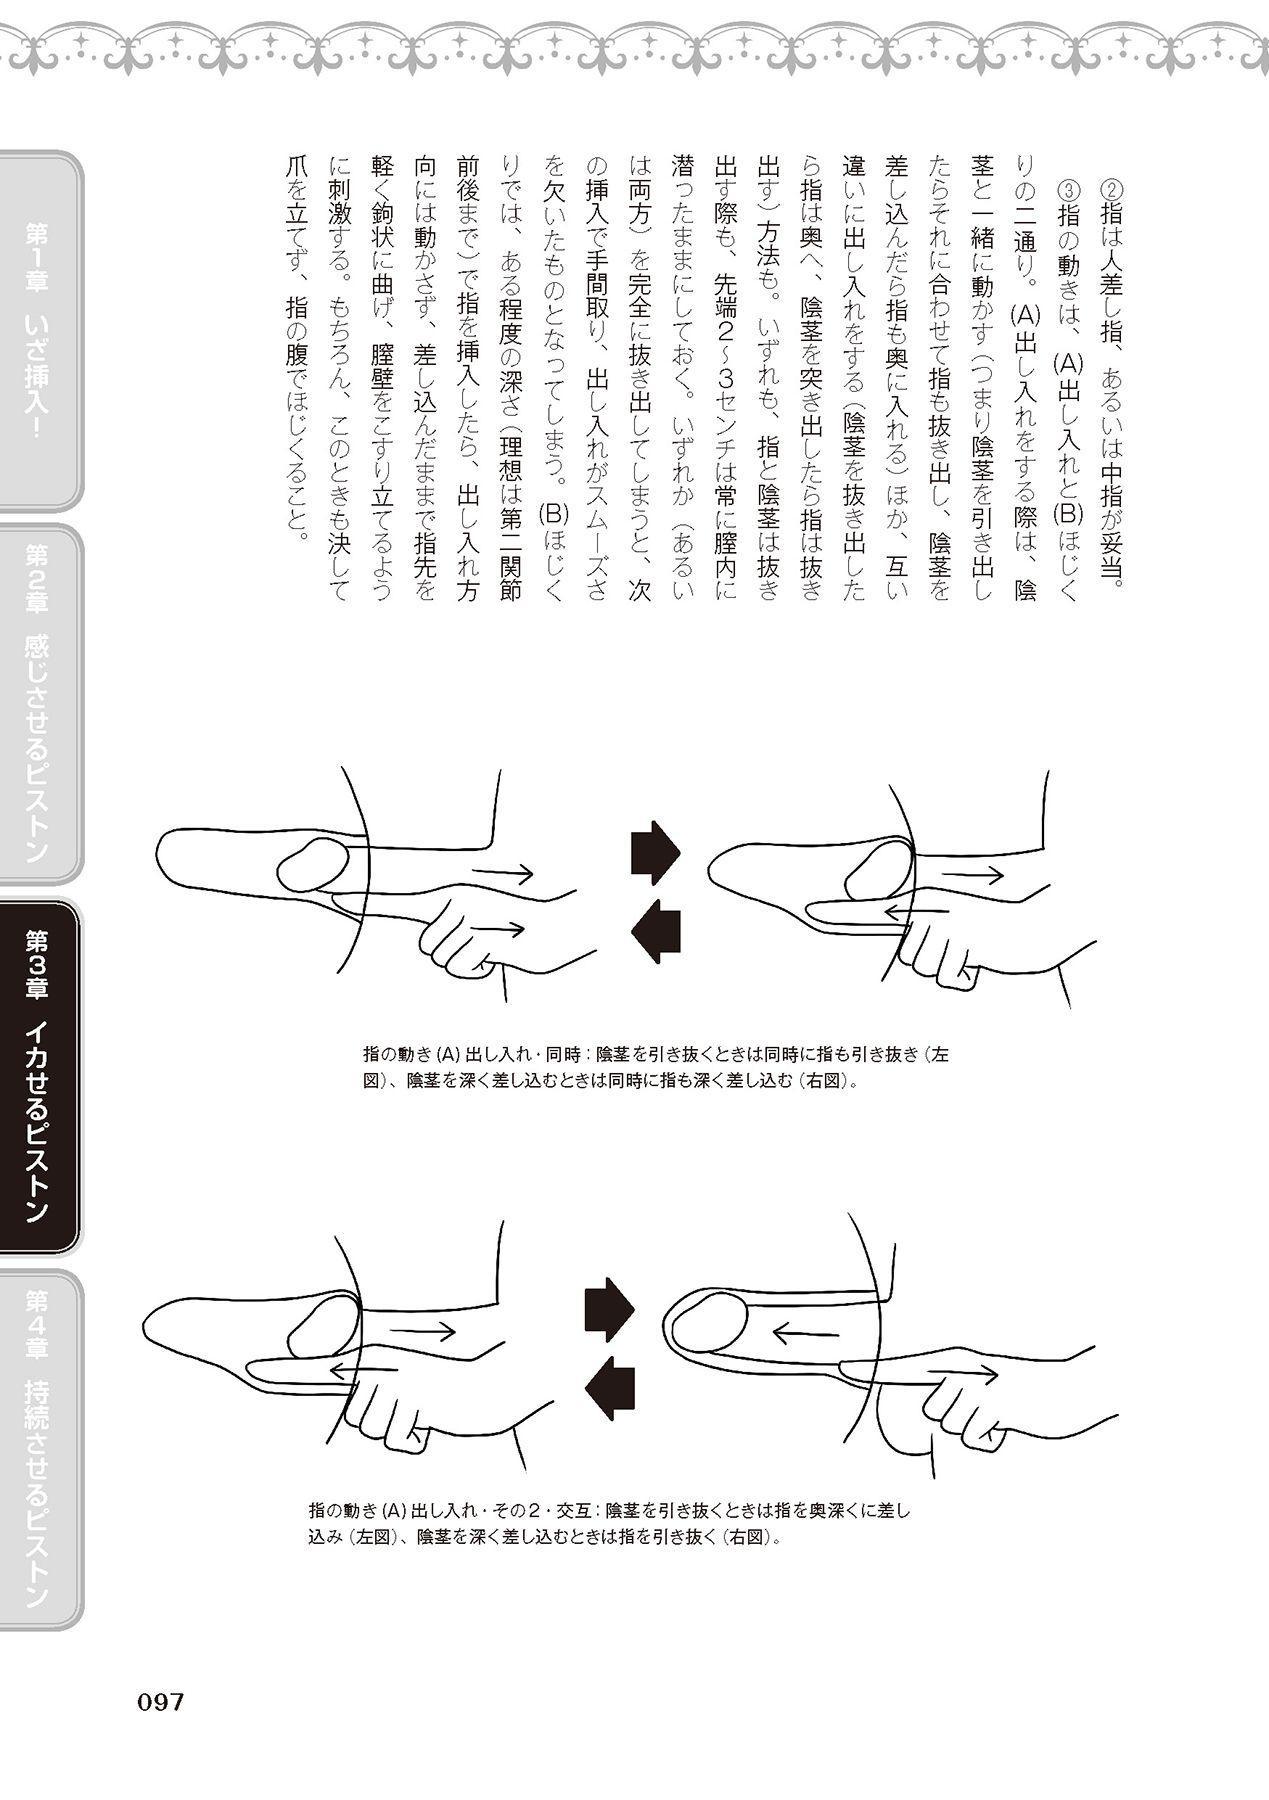 膣挿入&ピストン運動完全マニュアル イラスト版……ピスとんッ! 98